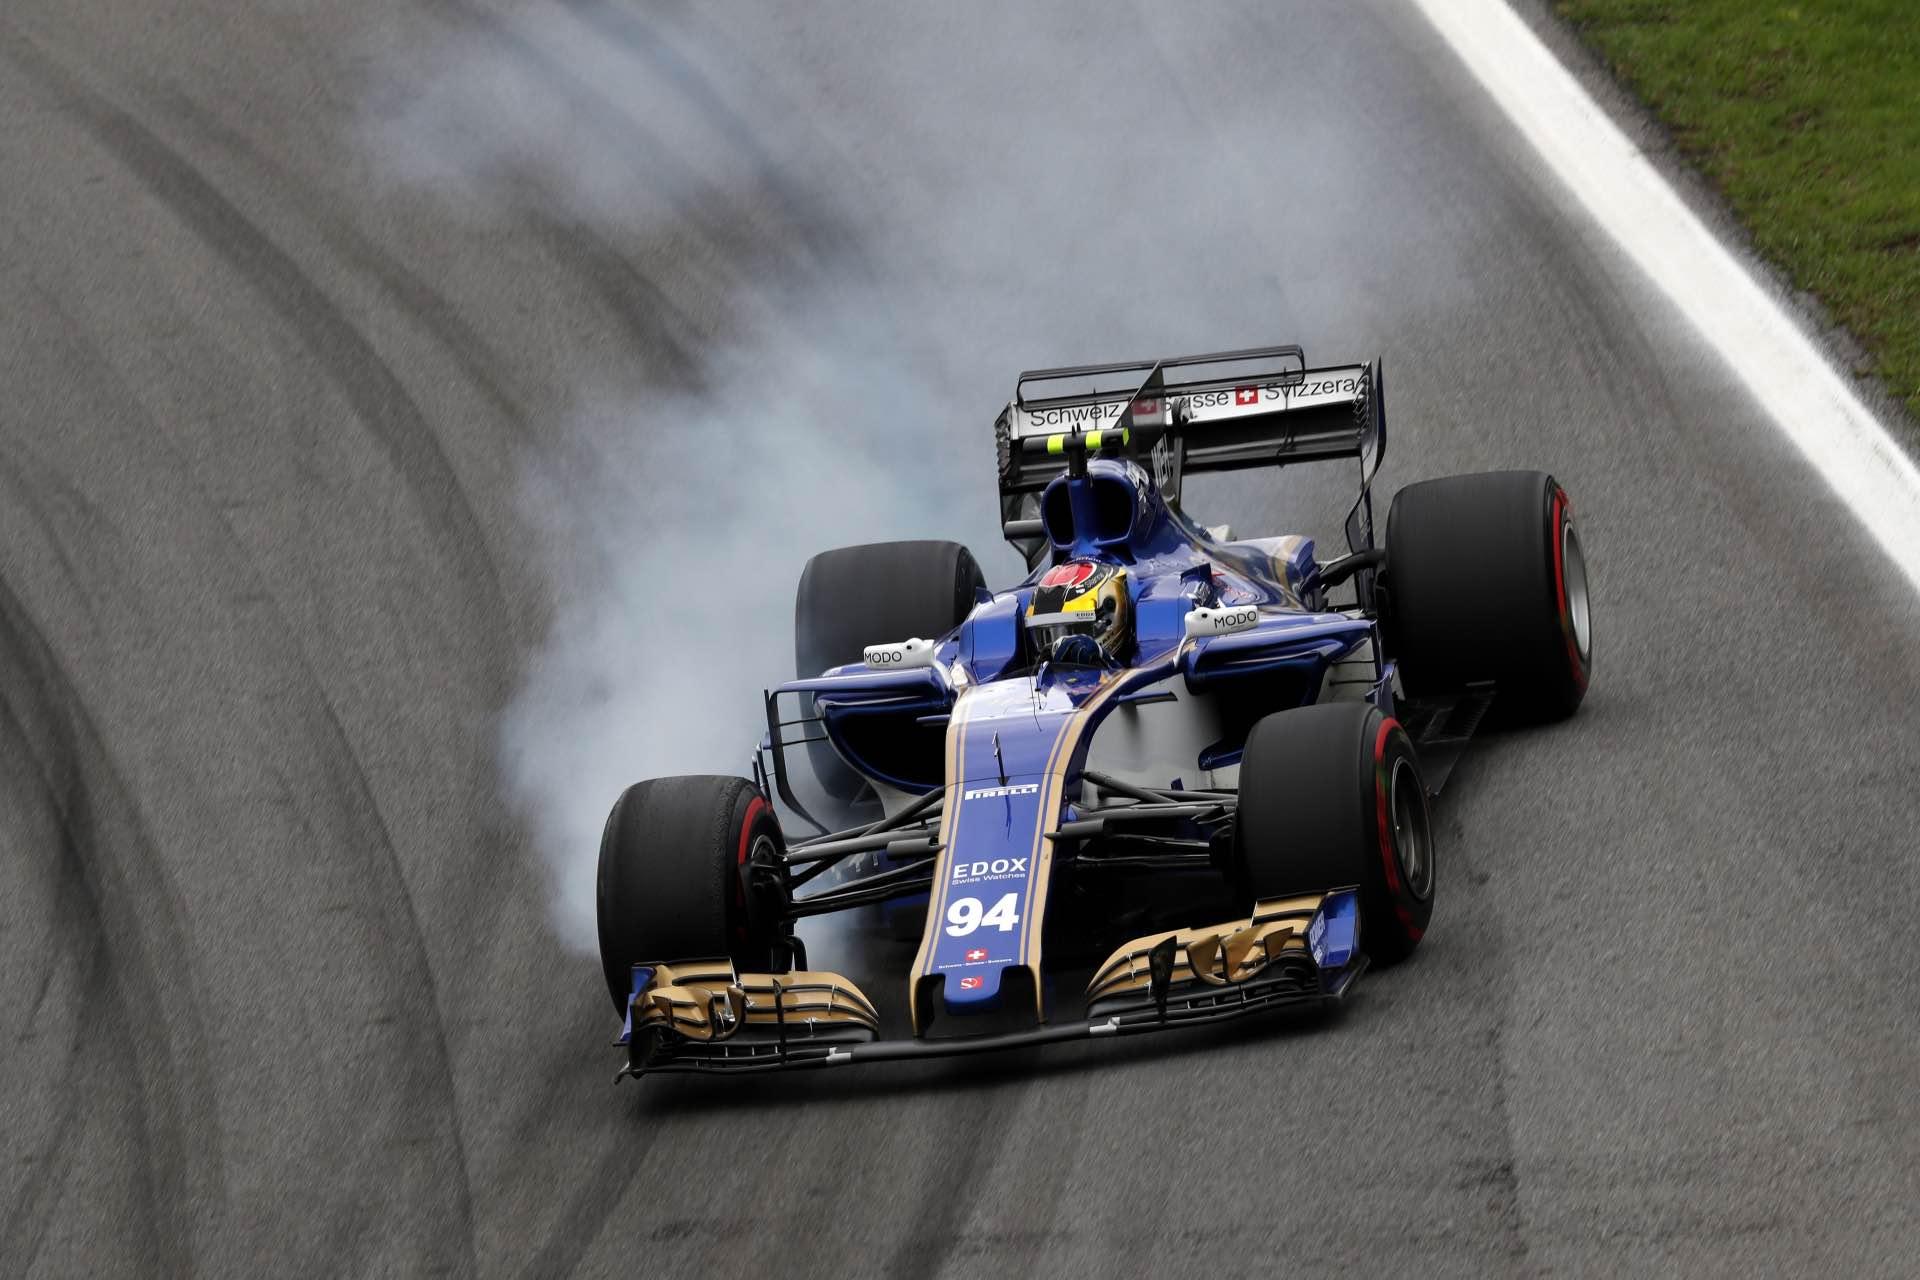 Brazilian GP Saturday 11/11/17